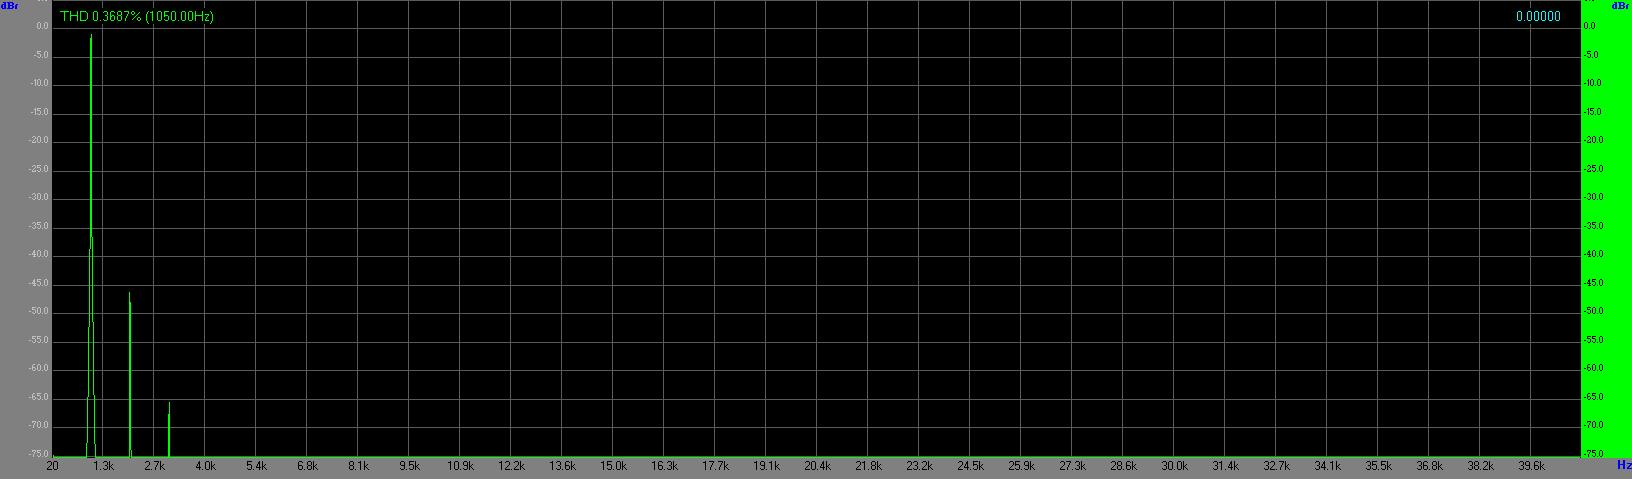 PX4. Libidine di fine anno per HD800 e Denon D7200 - Pagina 3 Px4_1511